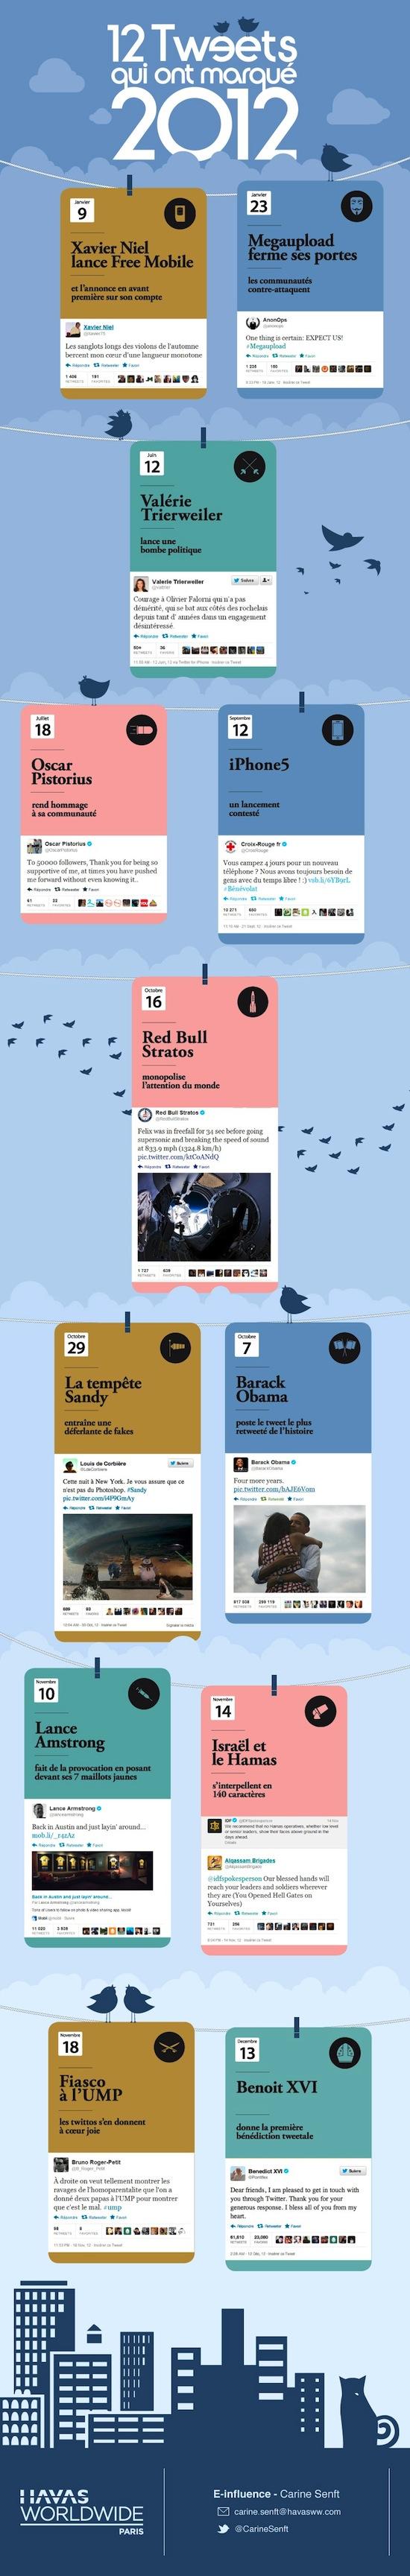 12 tweets 2012